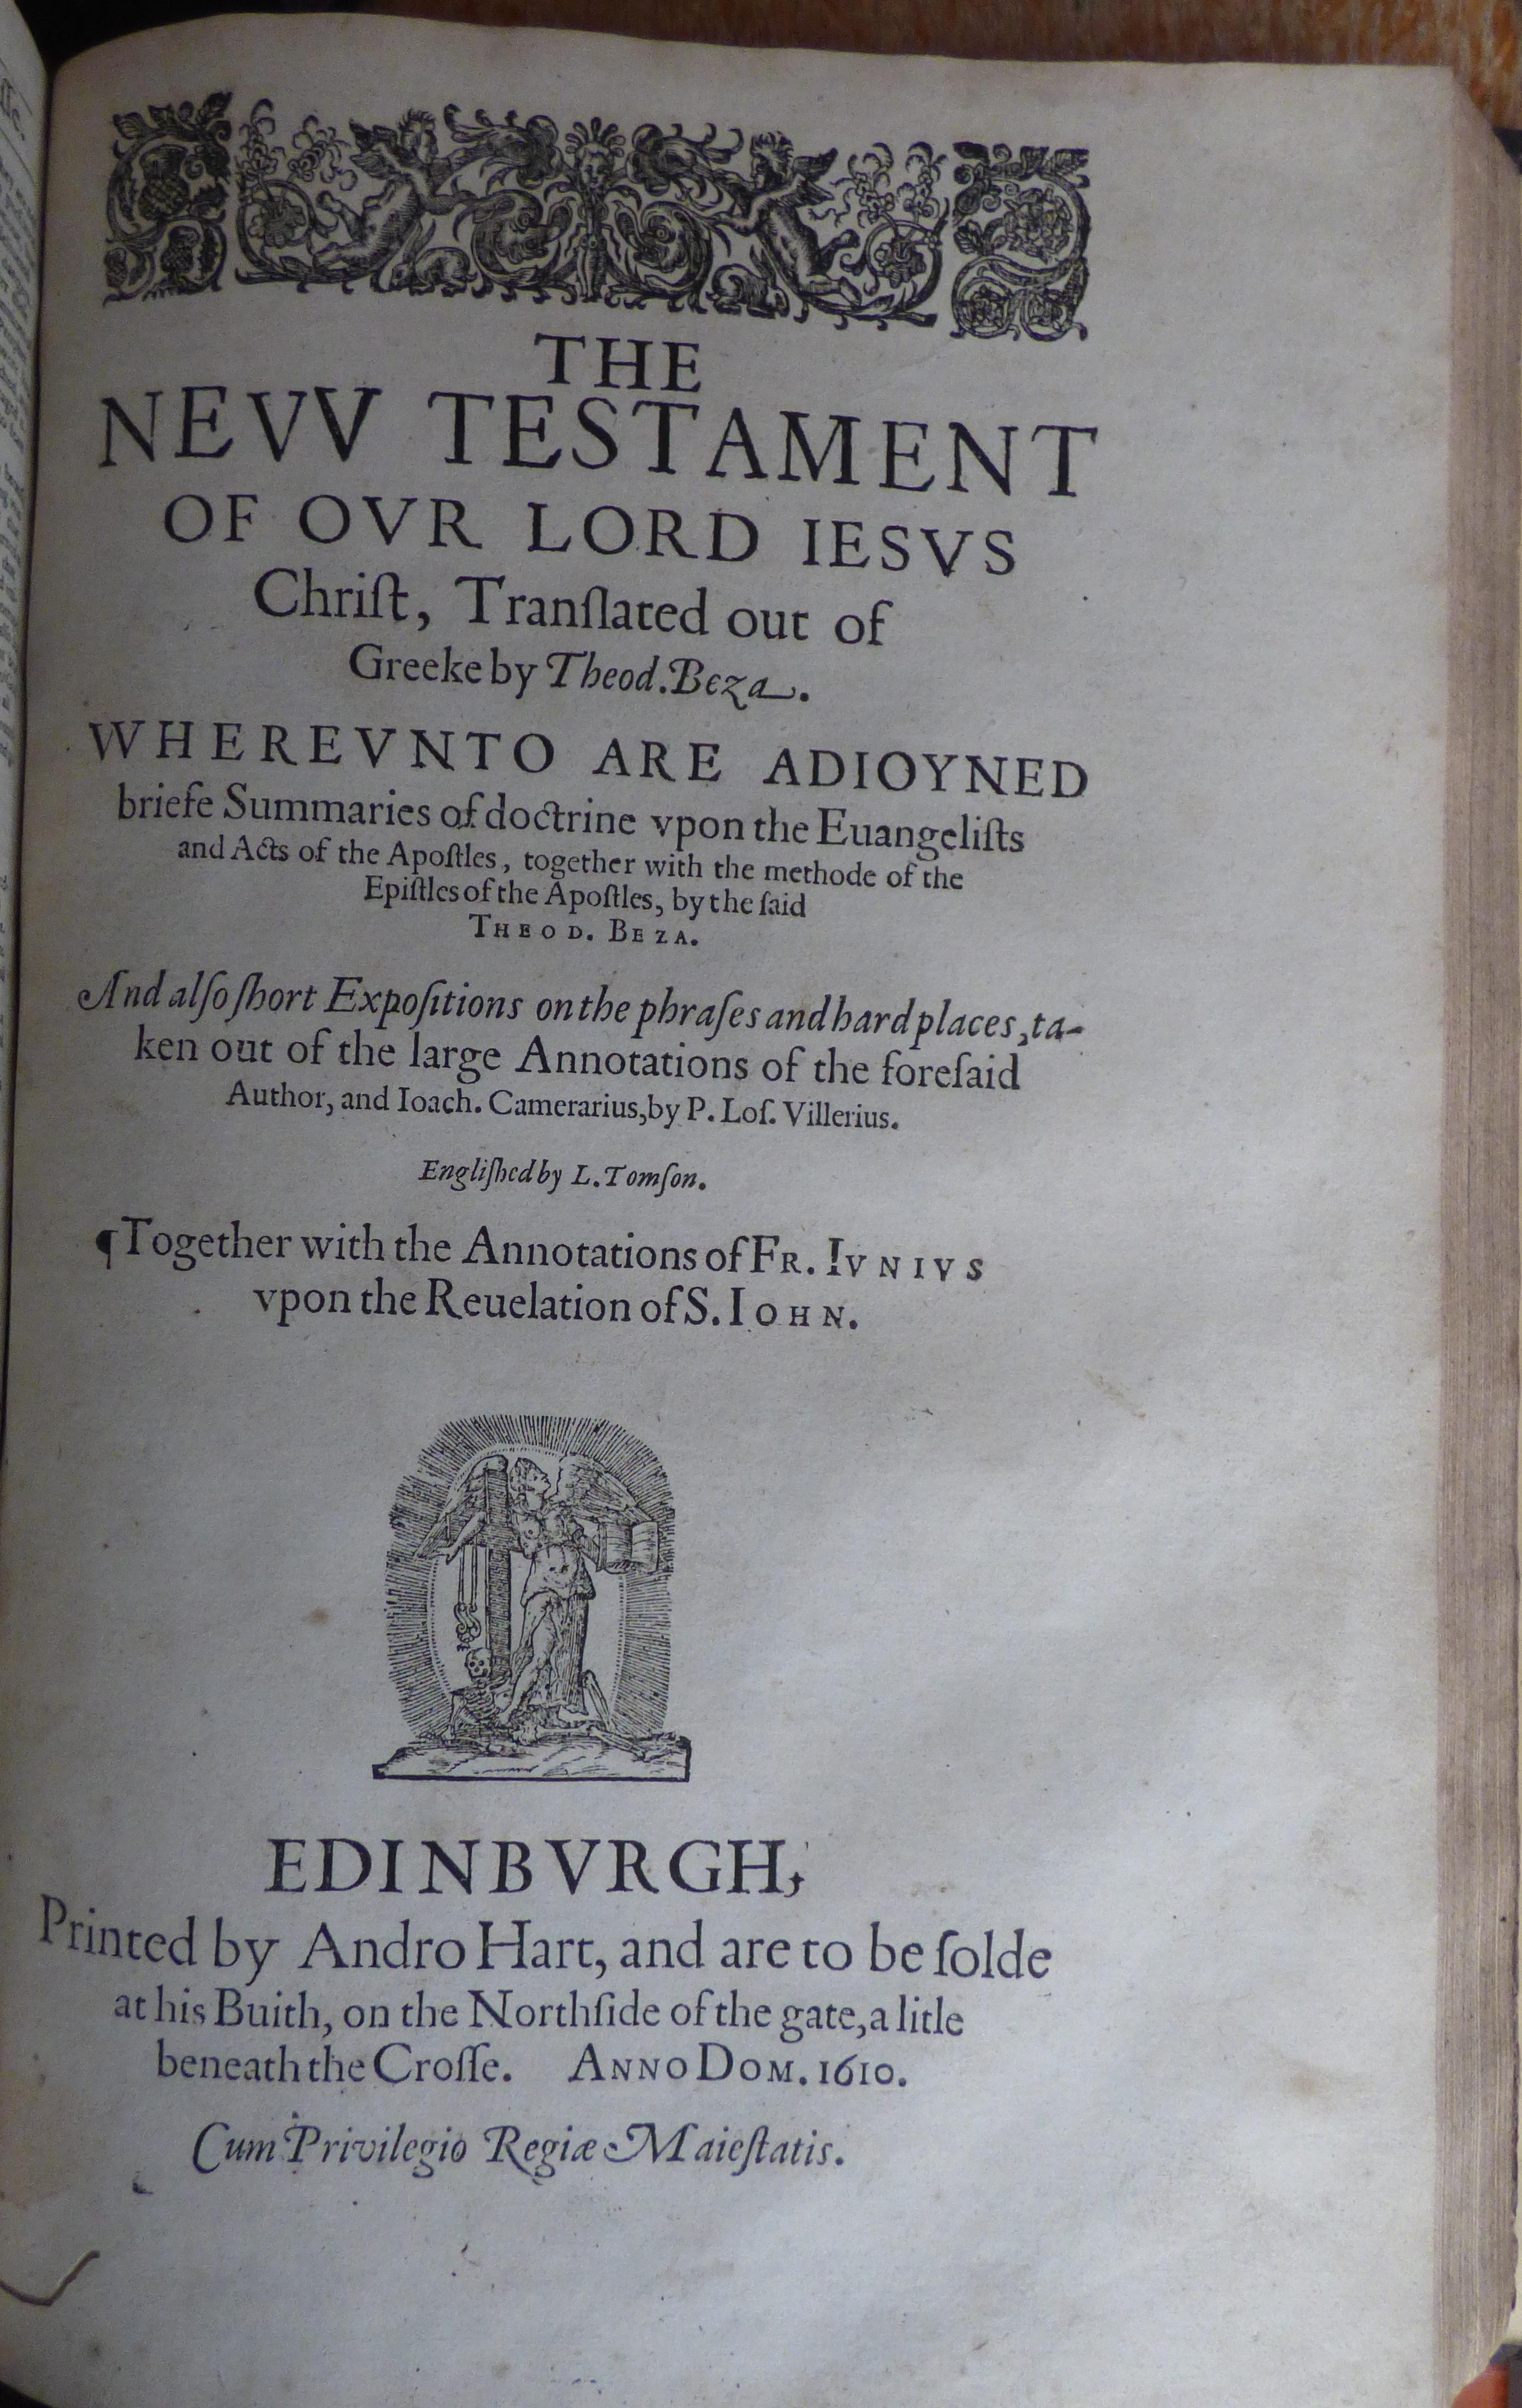 B_Andro Hart 1610 Bible